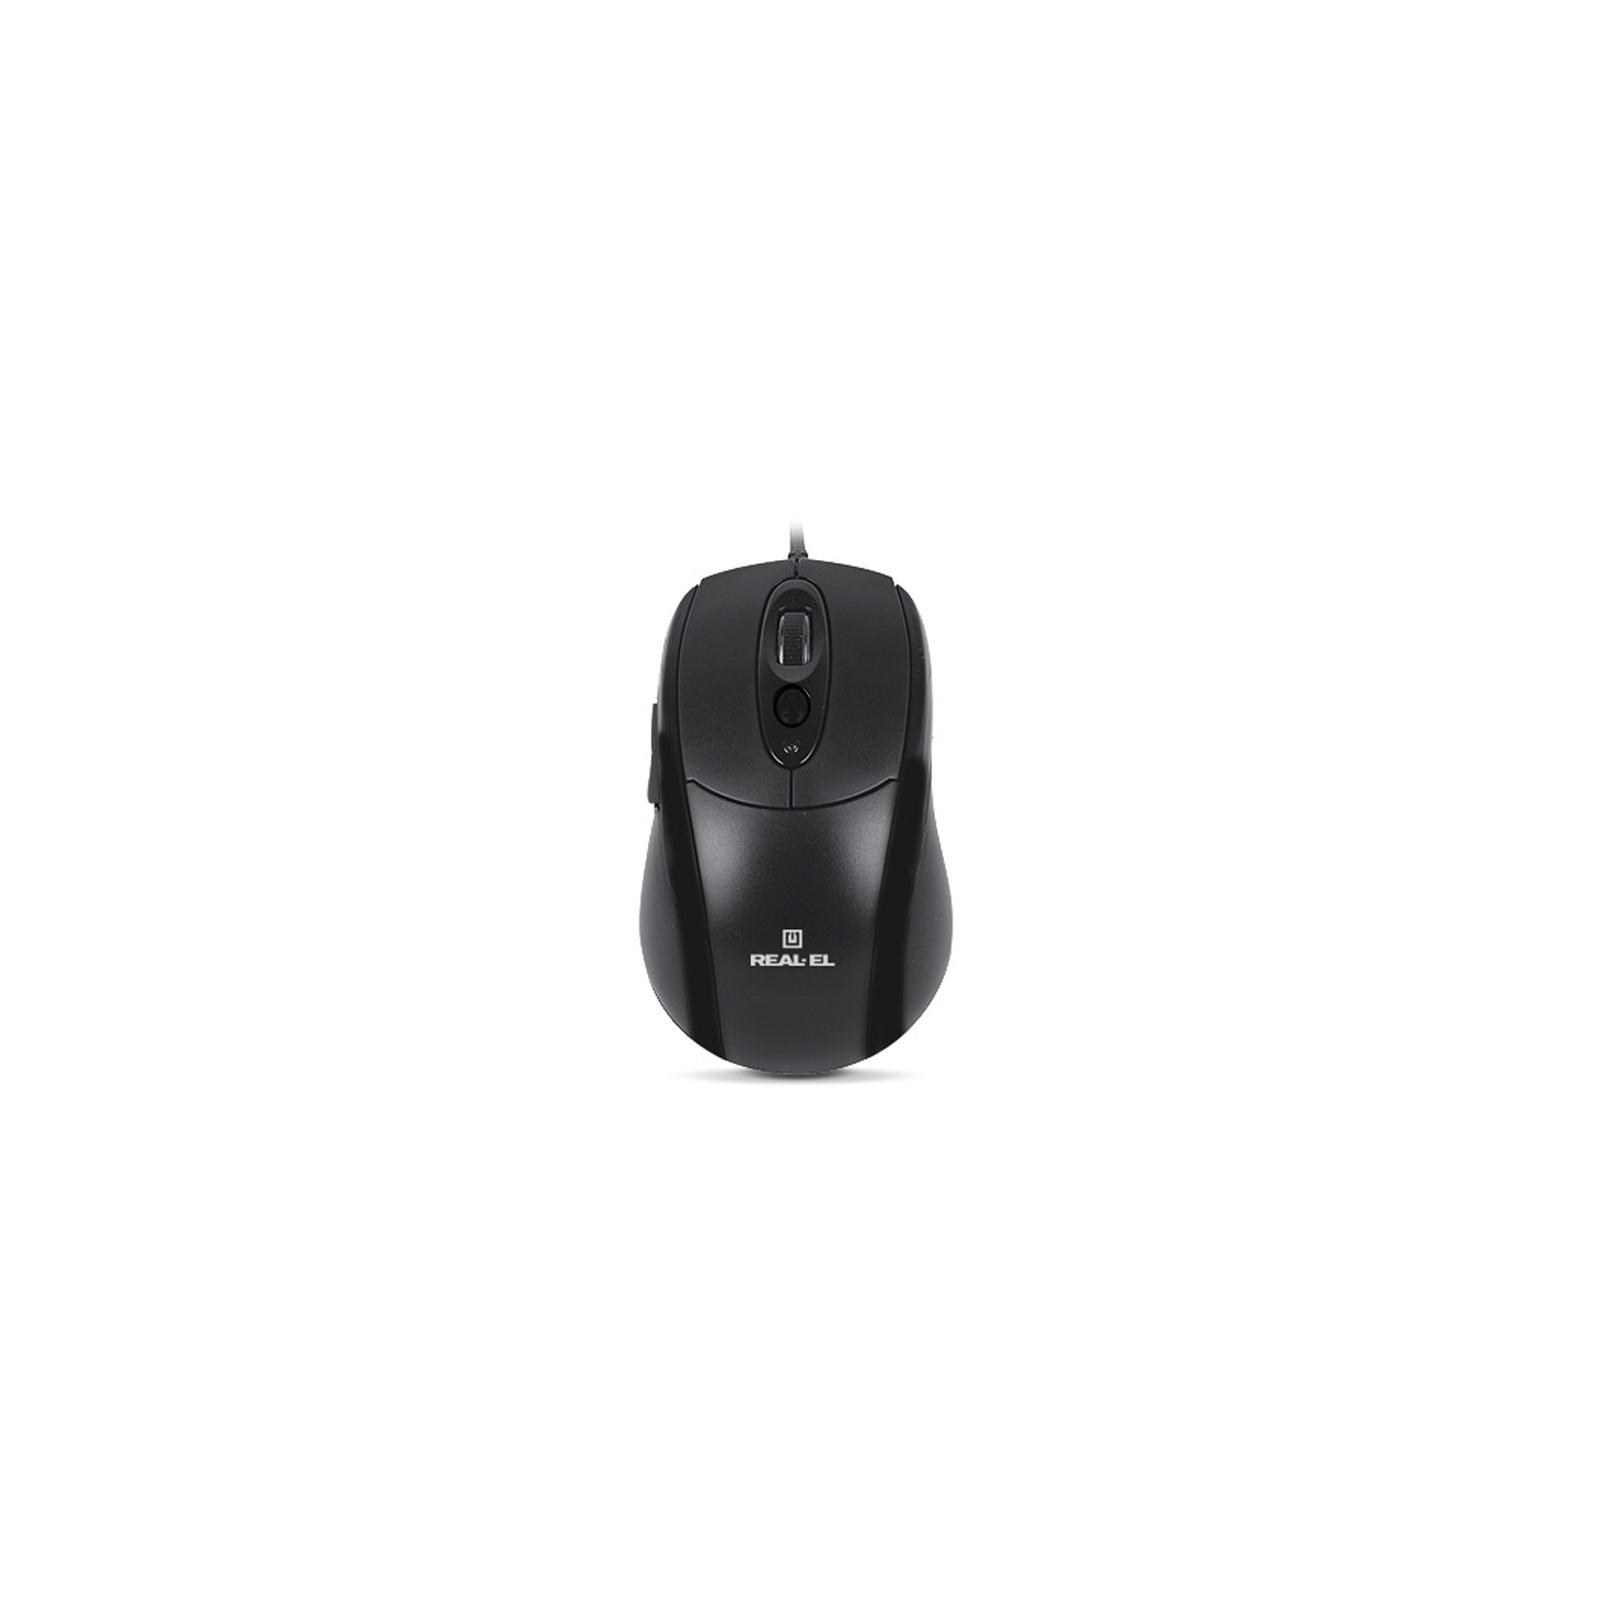 Мышка REAL-EL RM-290, USB, black изображение 2